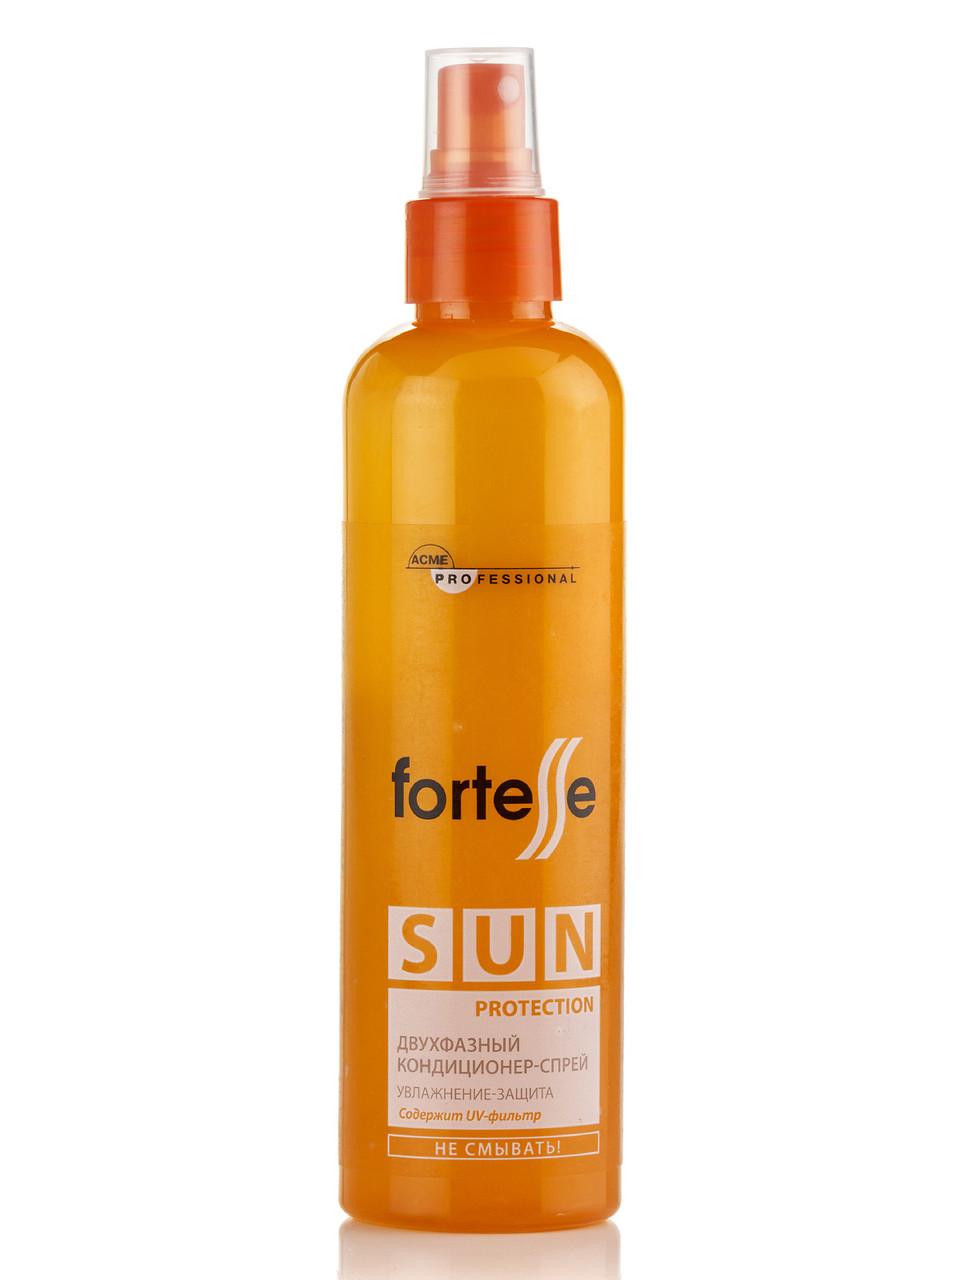 Двухфазный кондиционер-спрей «Fortesse Pro» SUN с UV-фильтром, 250 мл